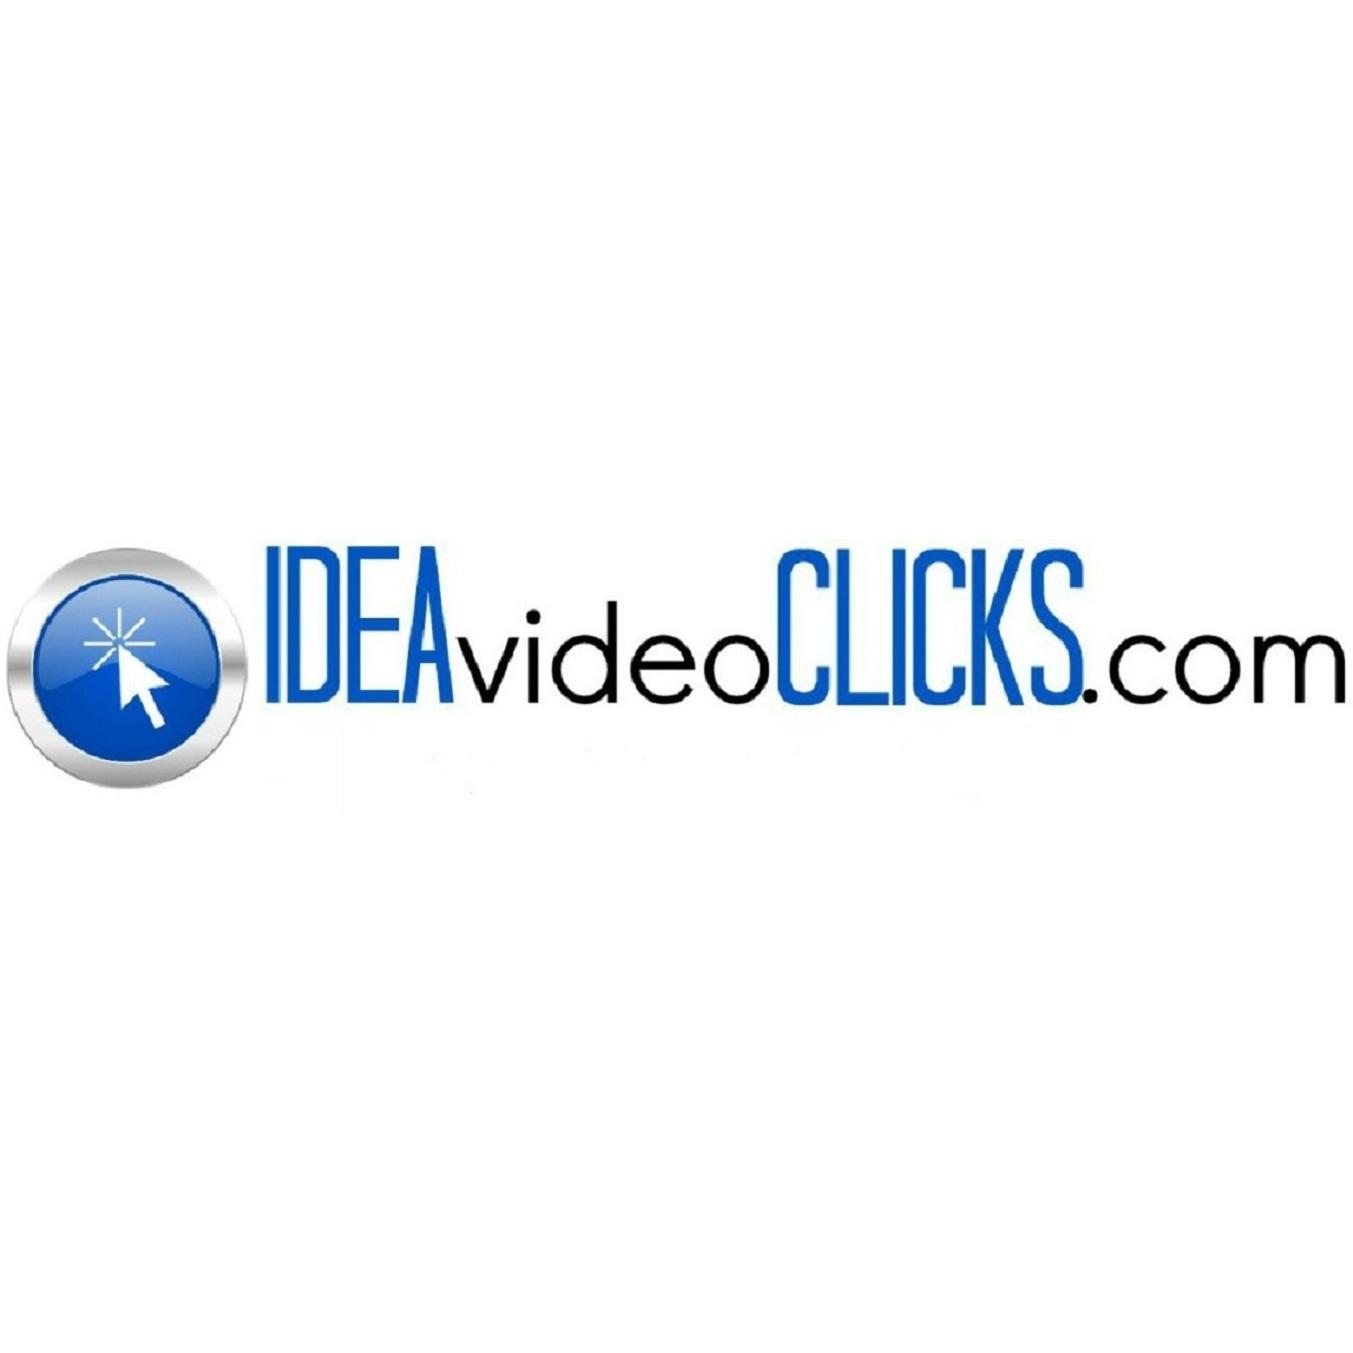 Idea Video Clicks